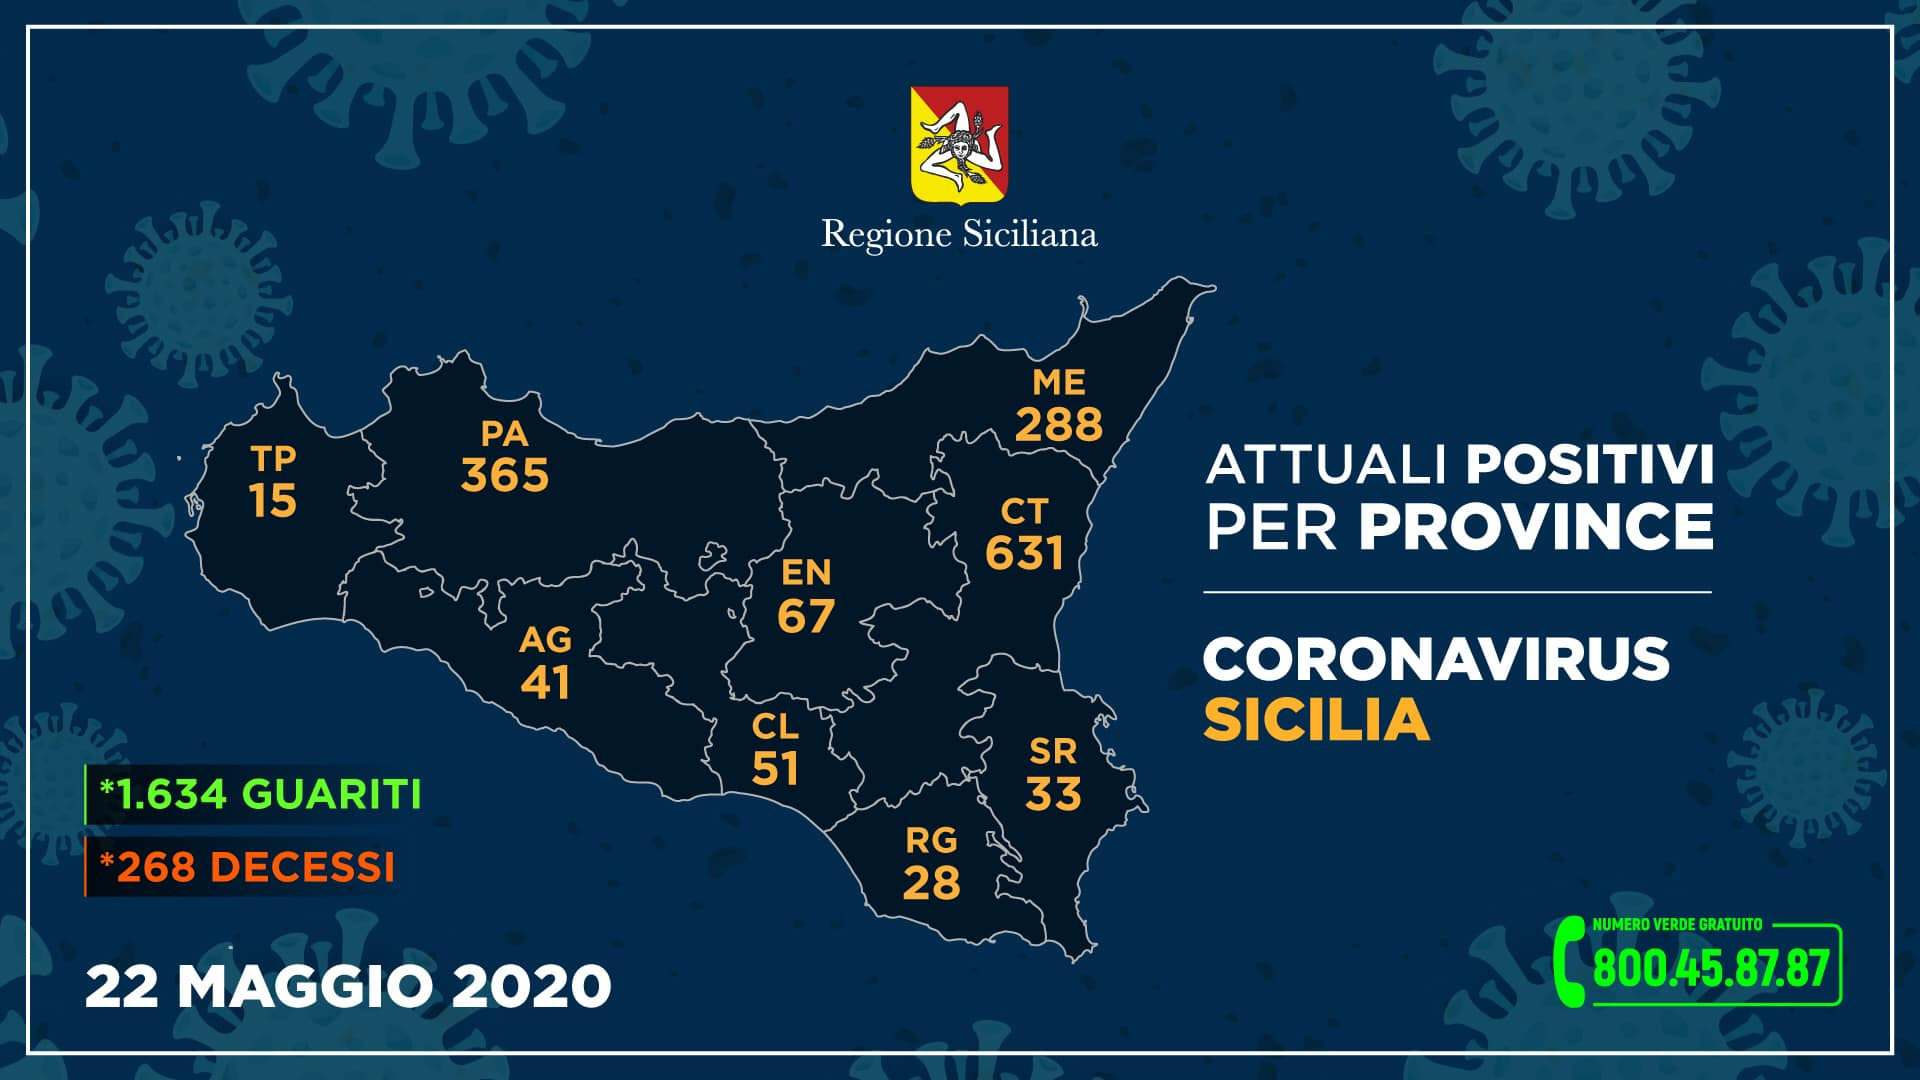 Regione Siciliana, i DATI per ogni provincia: incremento degli attuali positivi a Catania